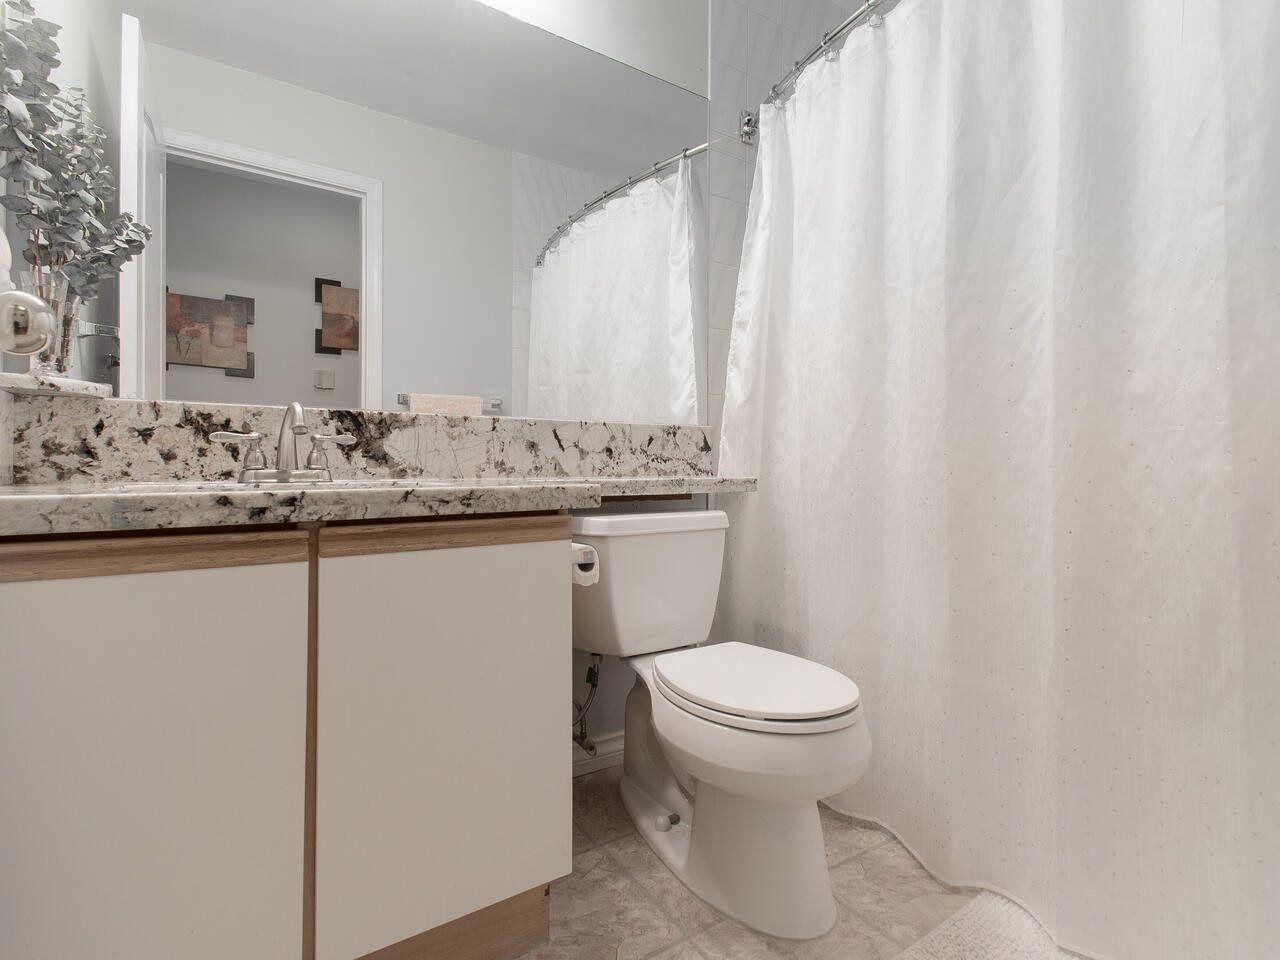 Photo 5: Photos: 108 13918 72 Avenue in Surrey: East Newton Condo for sale : MLS®# R2538723